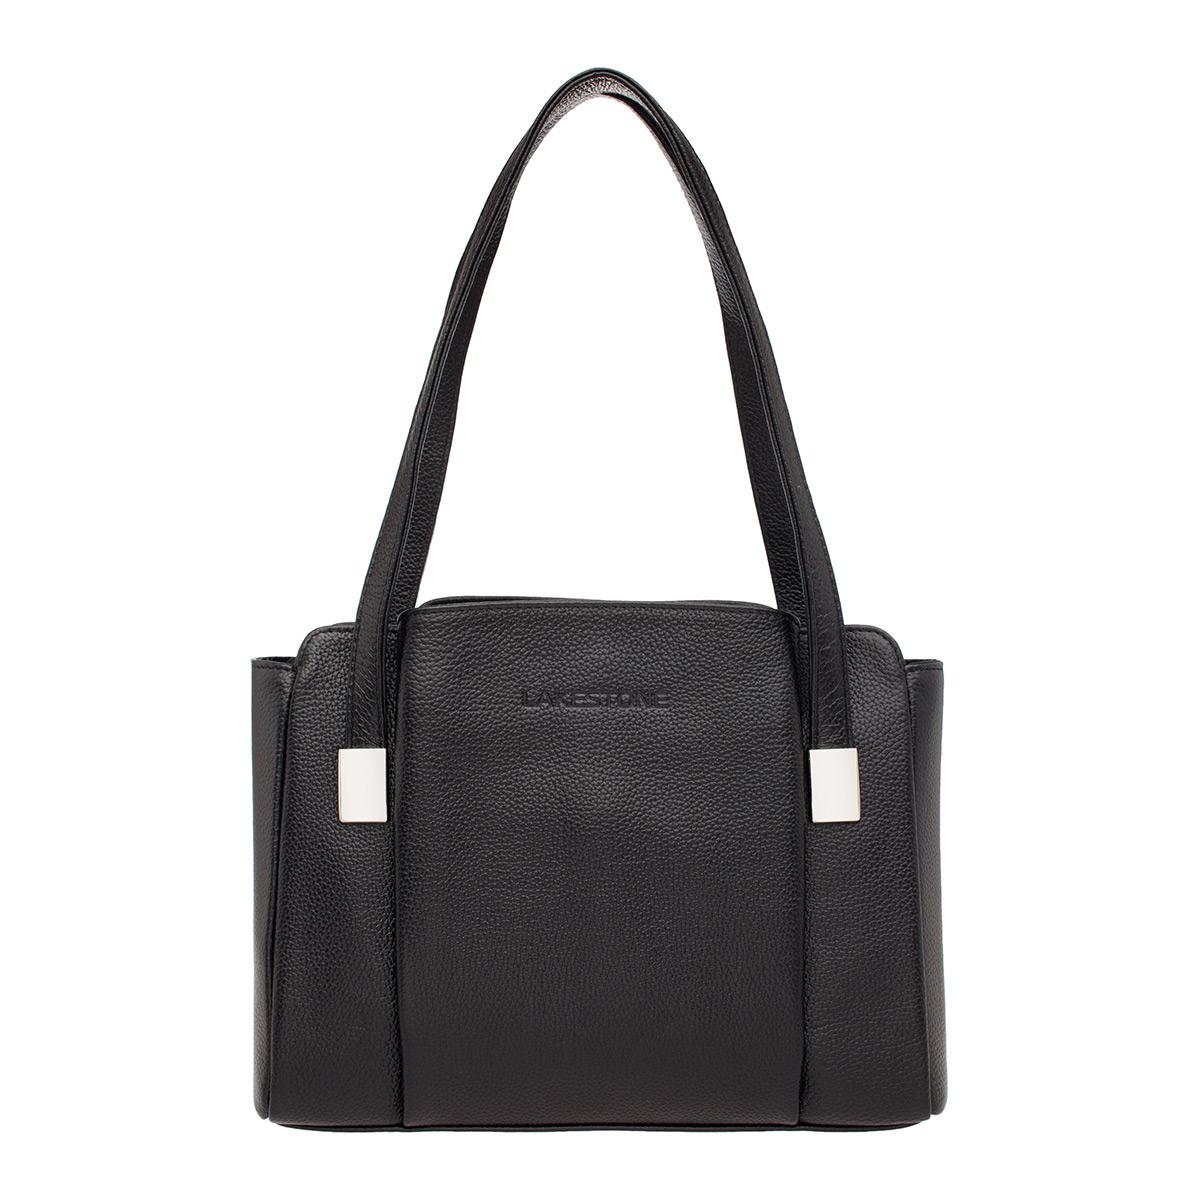 Кожаная женская сумка Tara Black фото